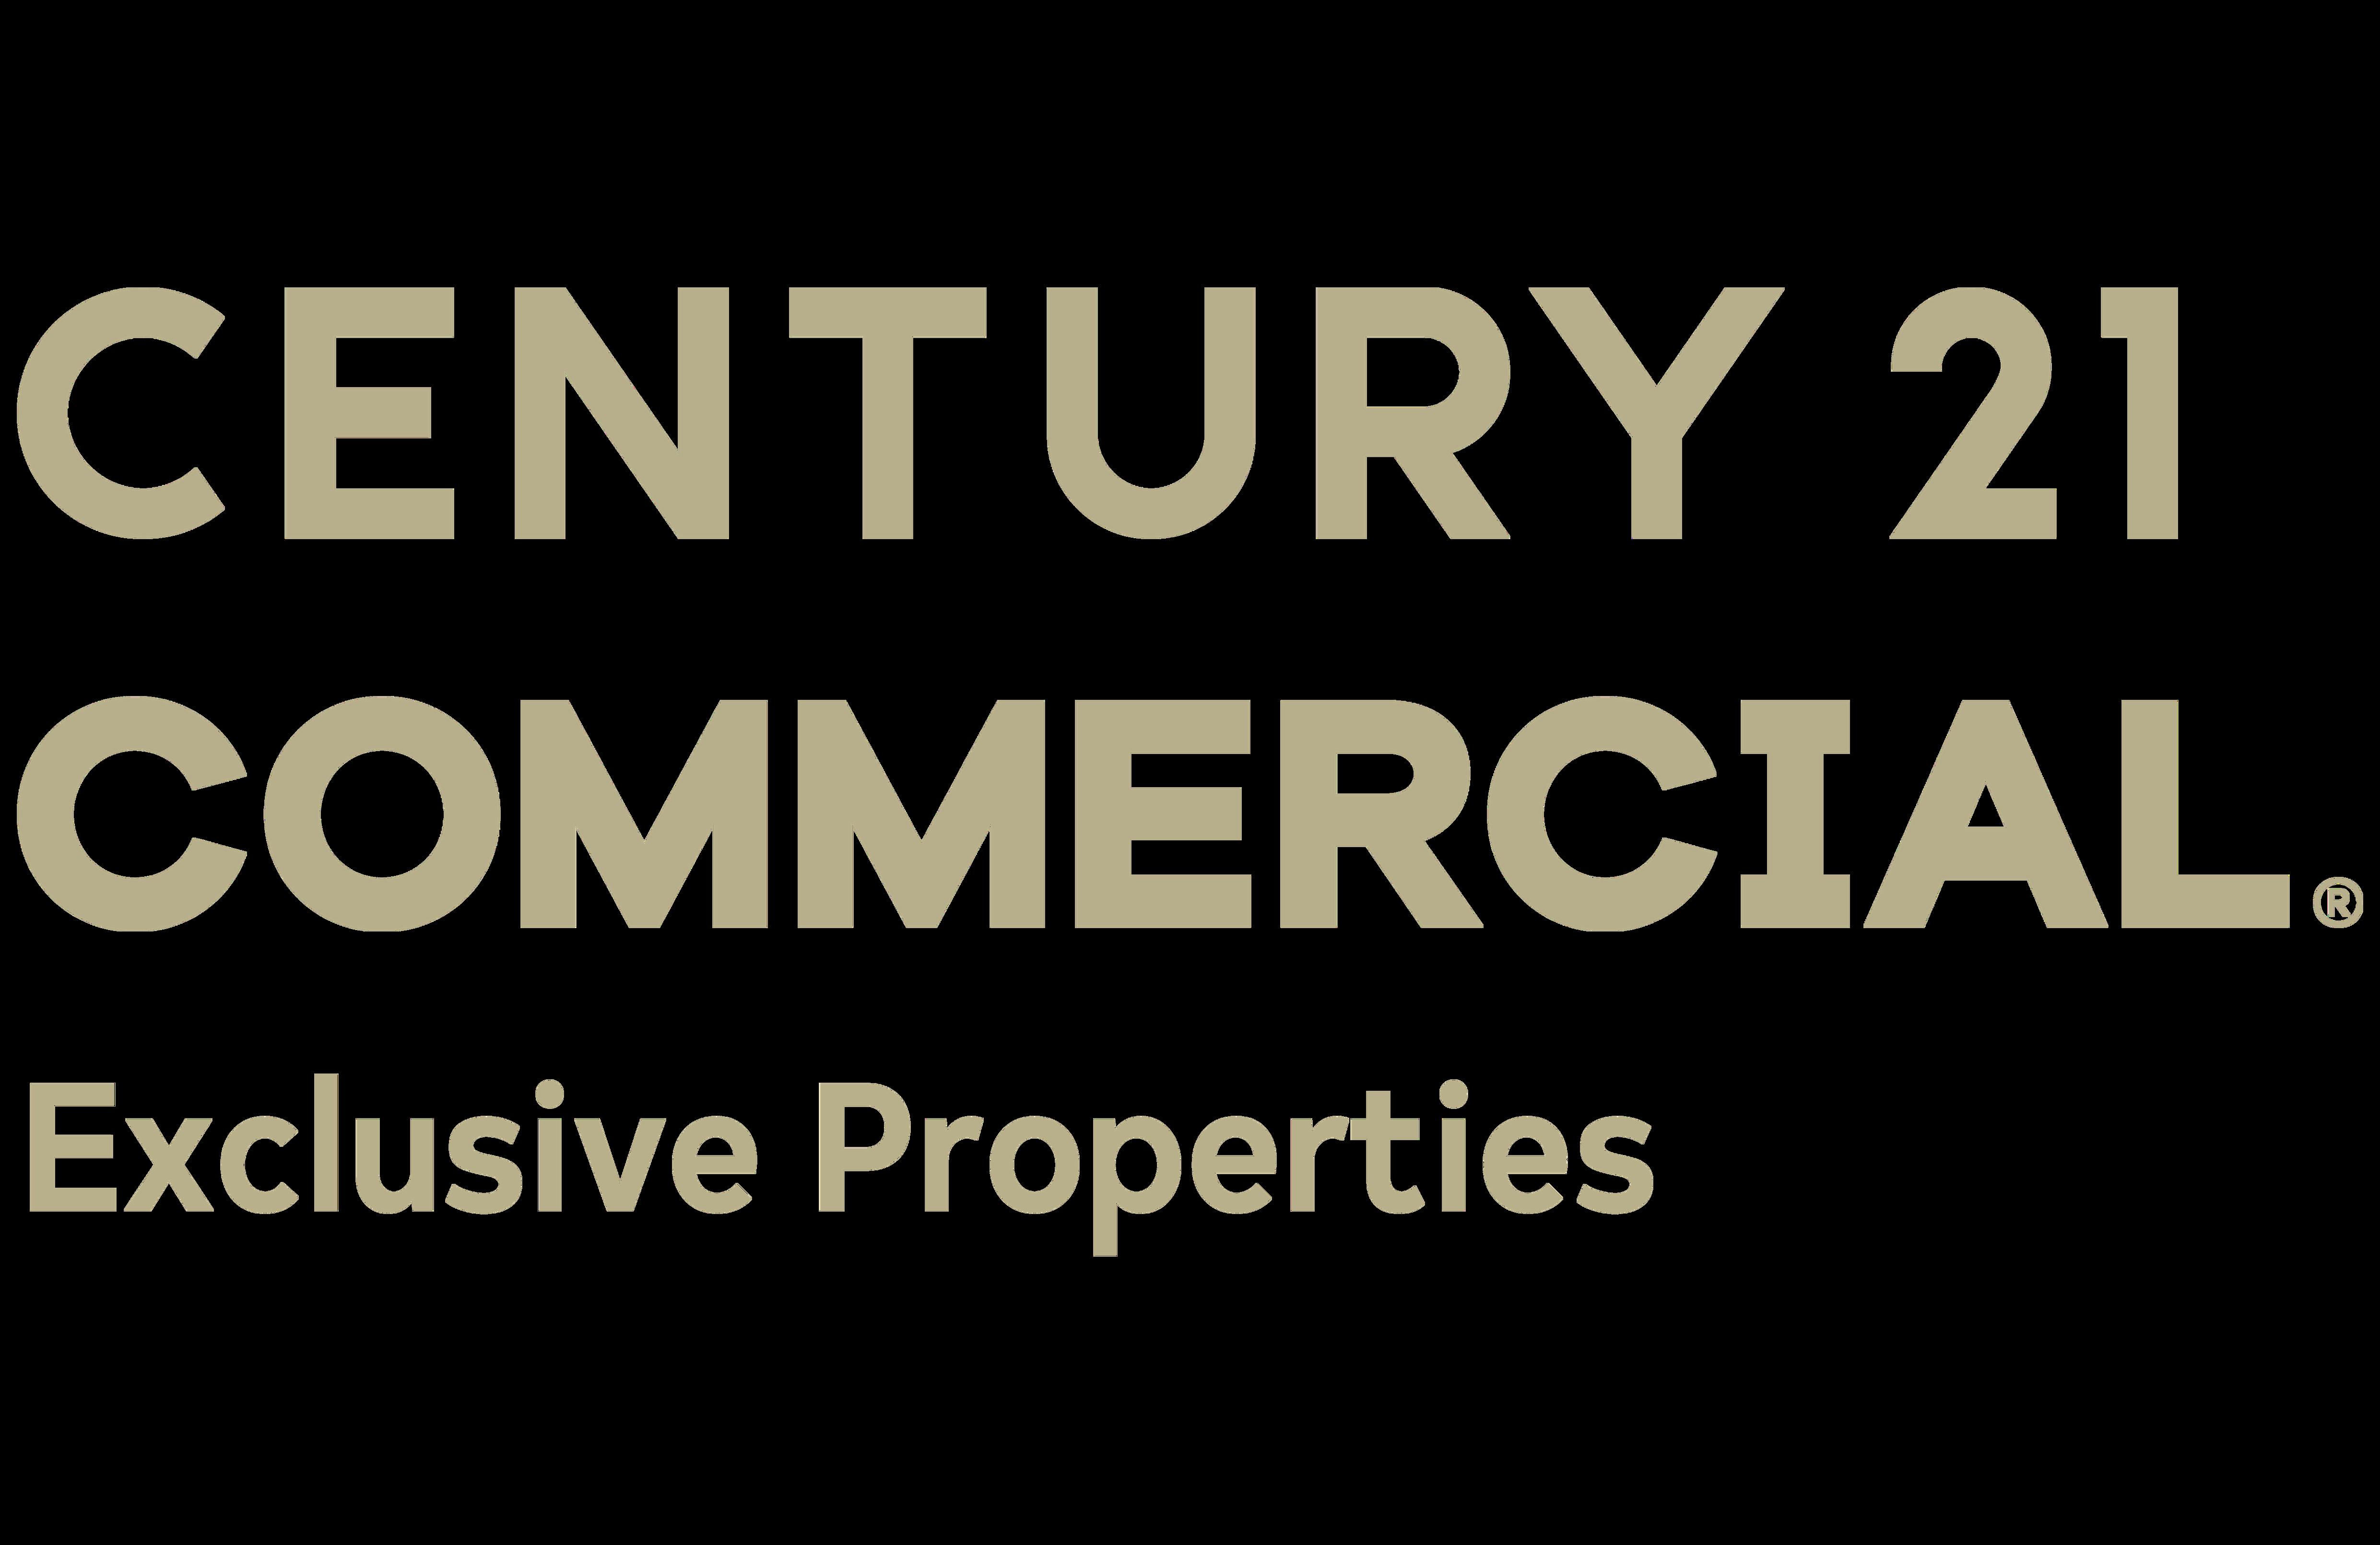 CENTURY 21 Exclusive Properties